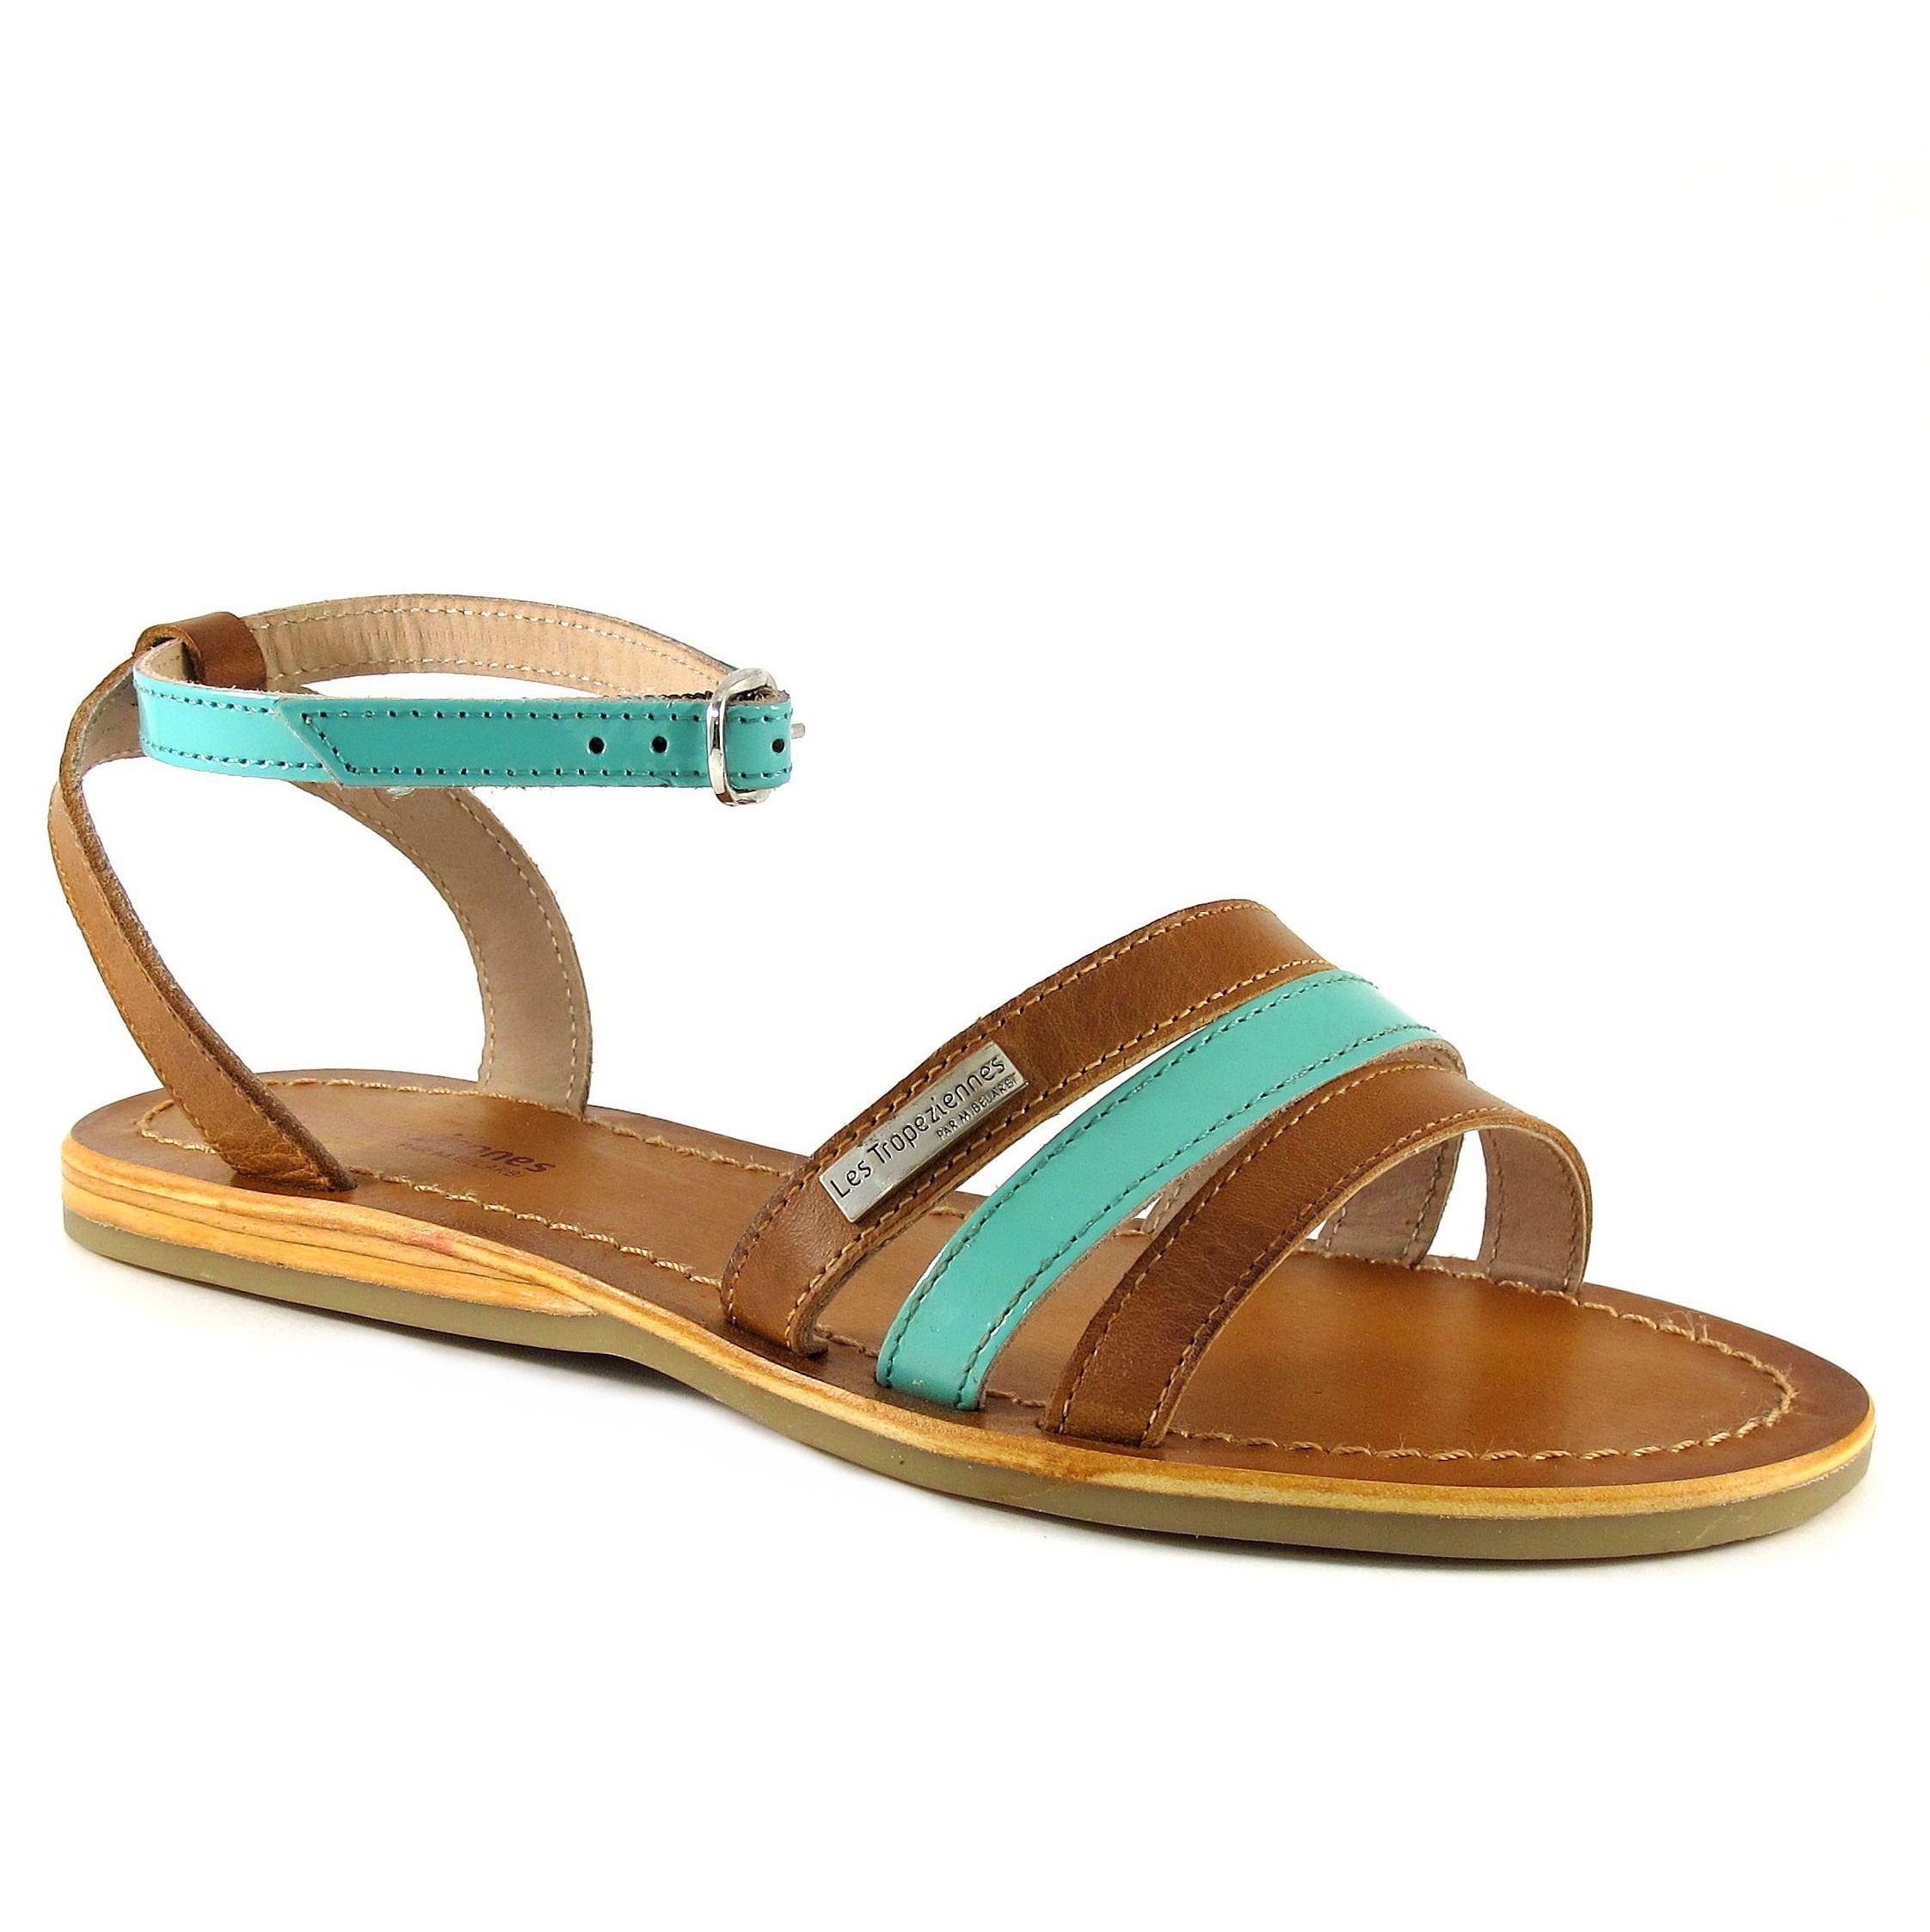 Les Tropeziennes mujer para Zapatos blancos 5zfww0